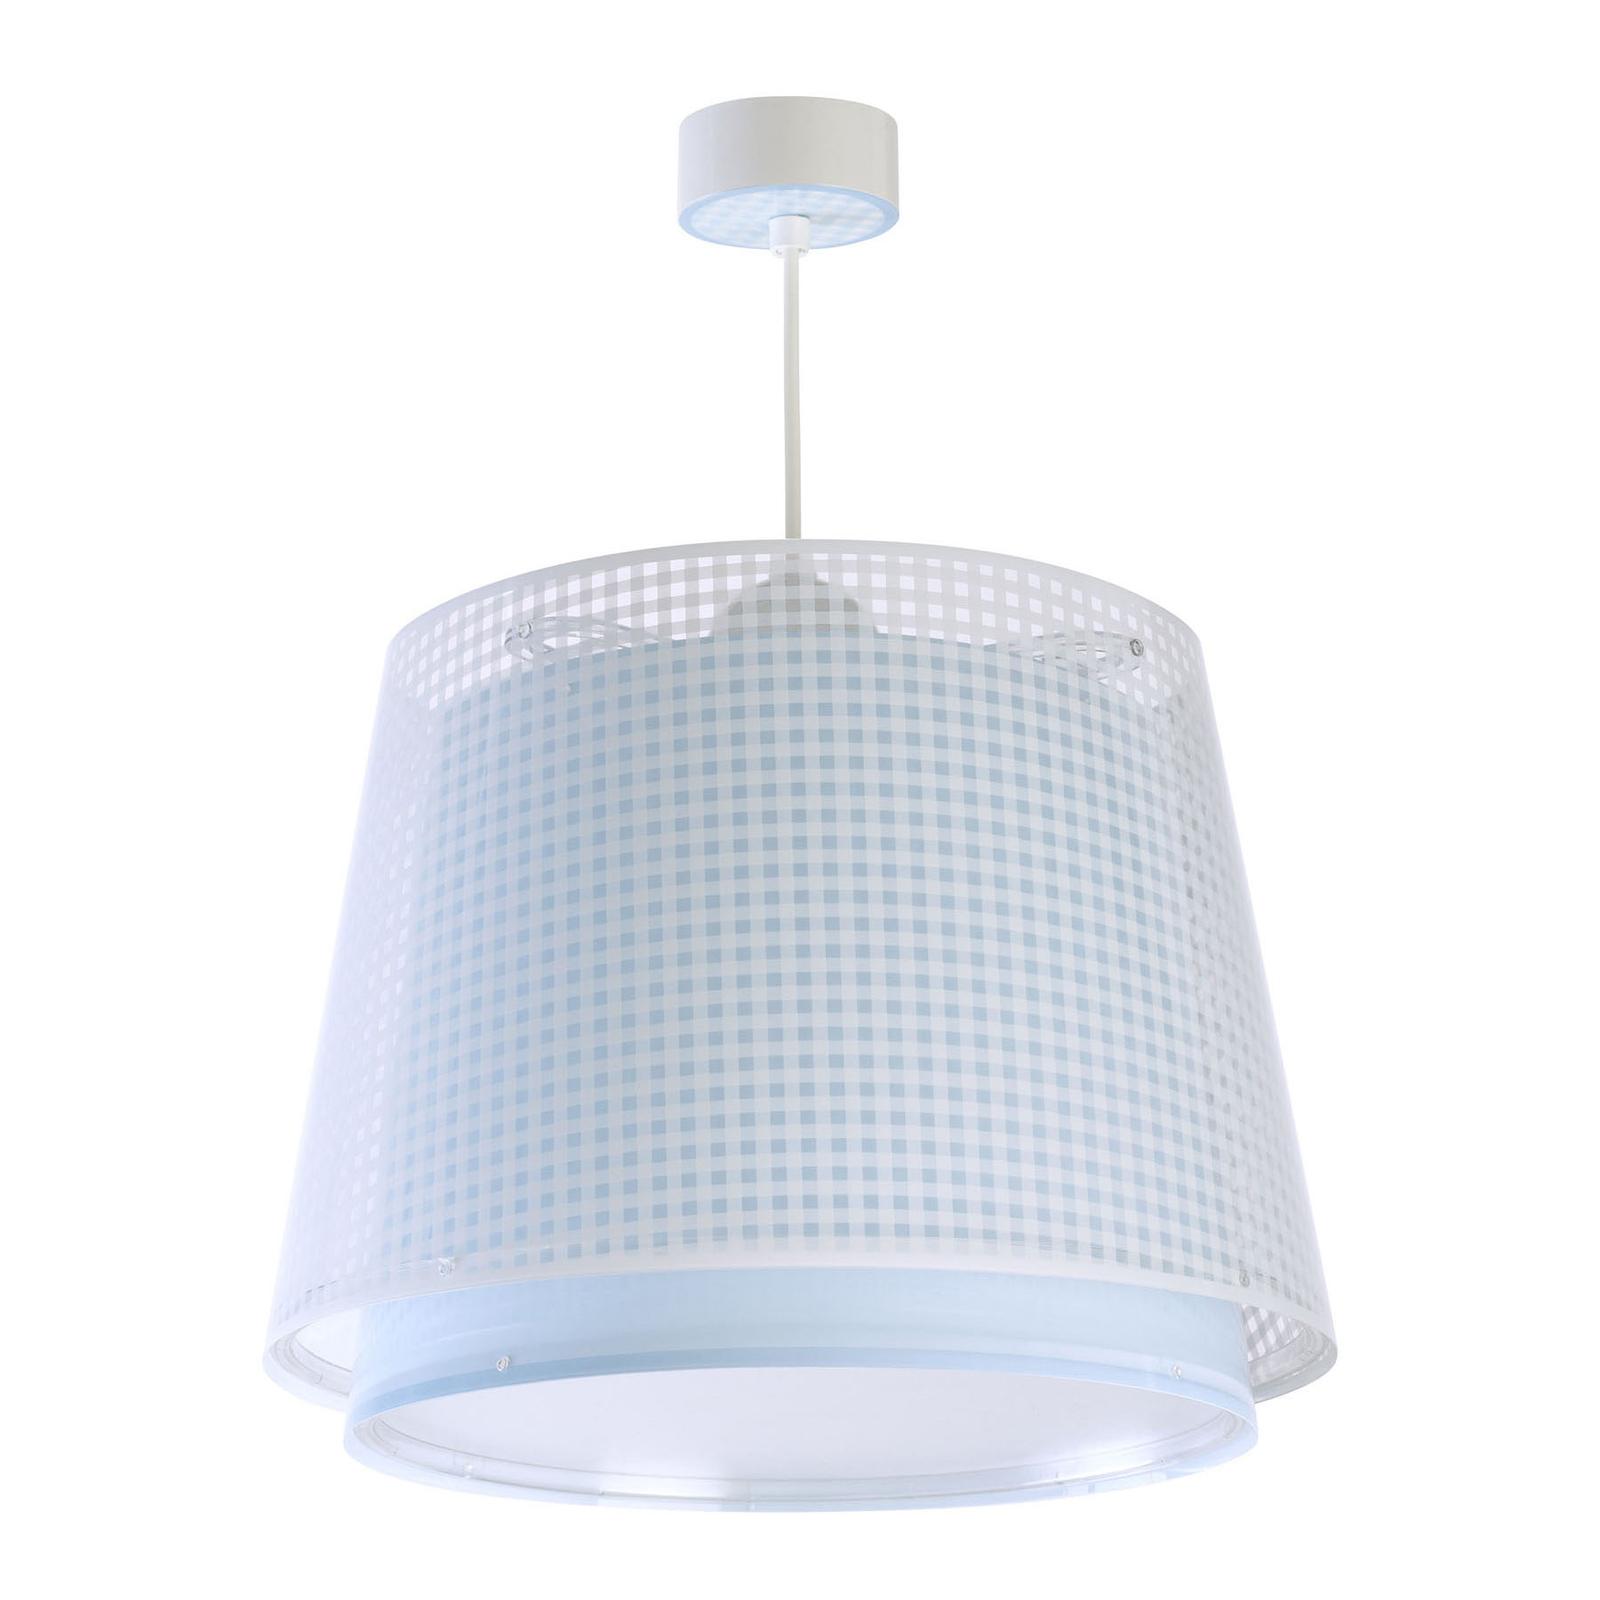 Lampa wisząca dziecięca Vichy, 1-pkt., niebieska